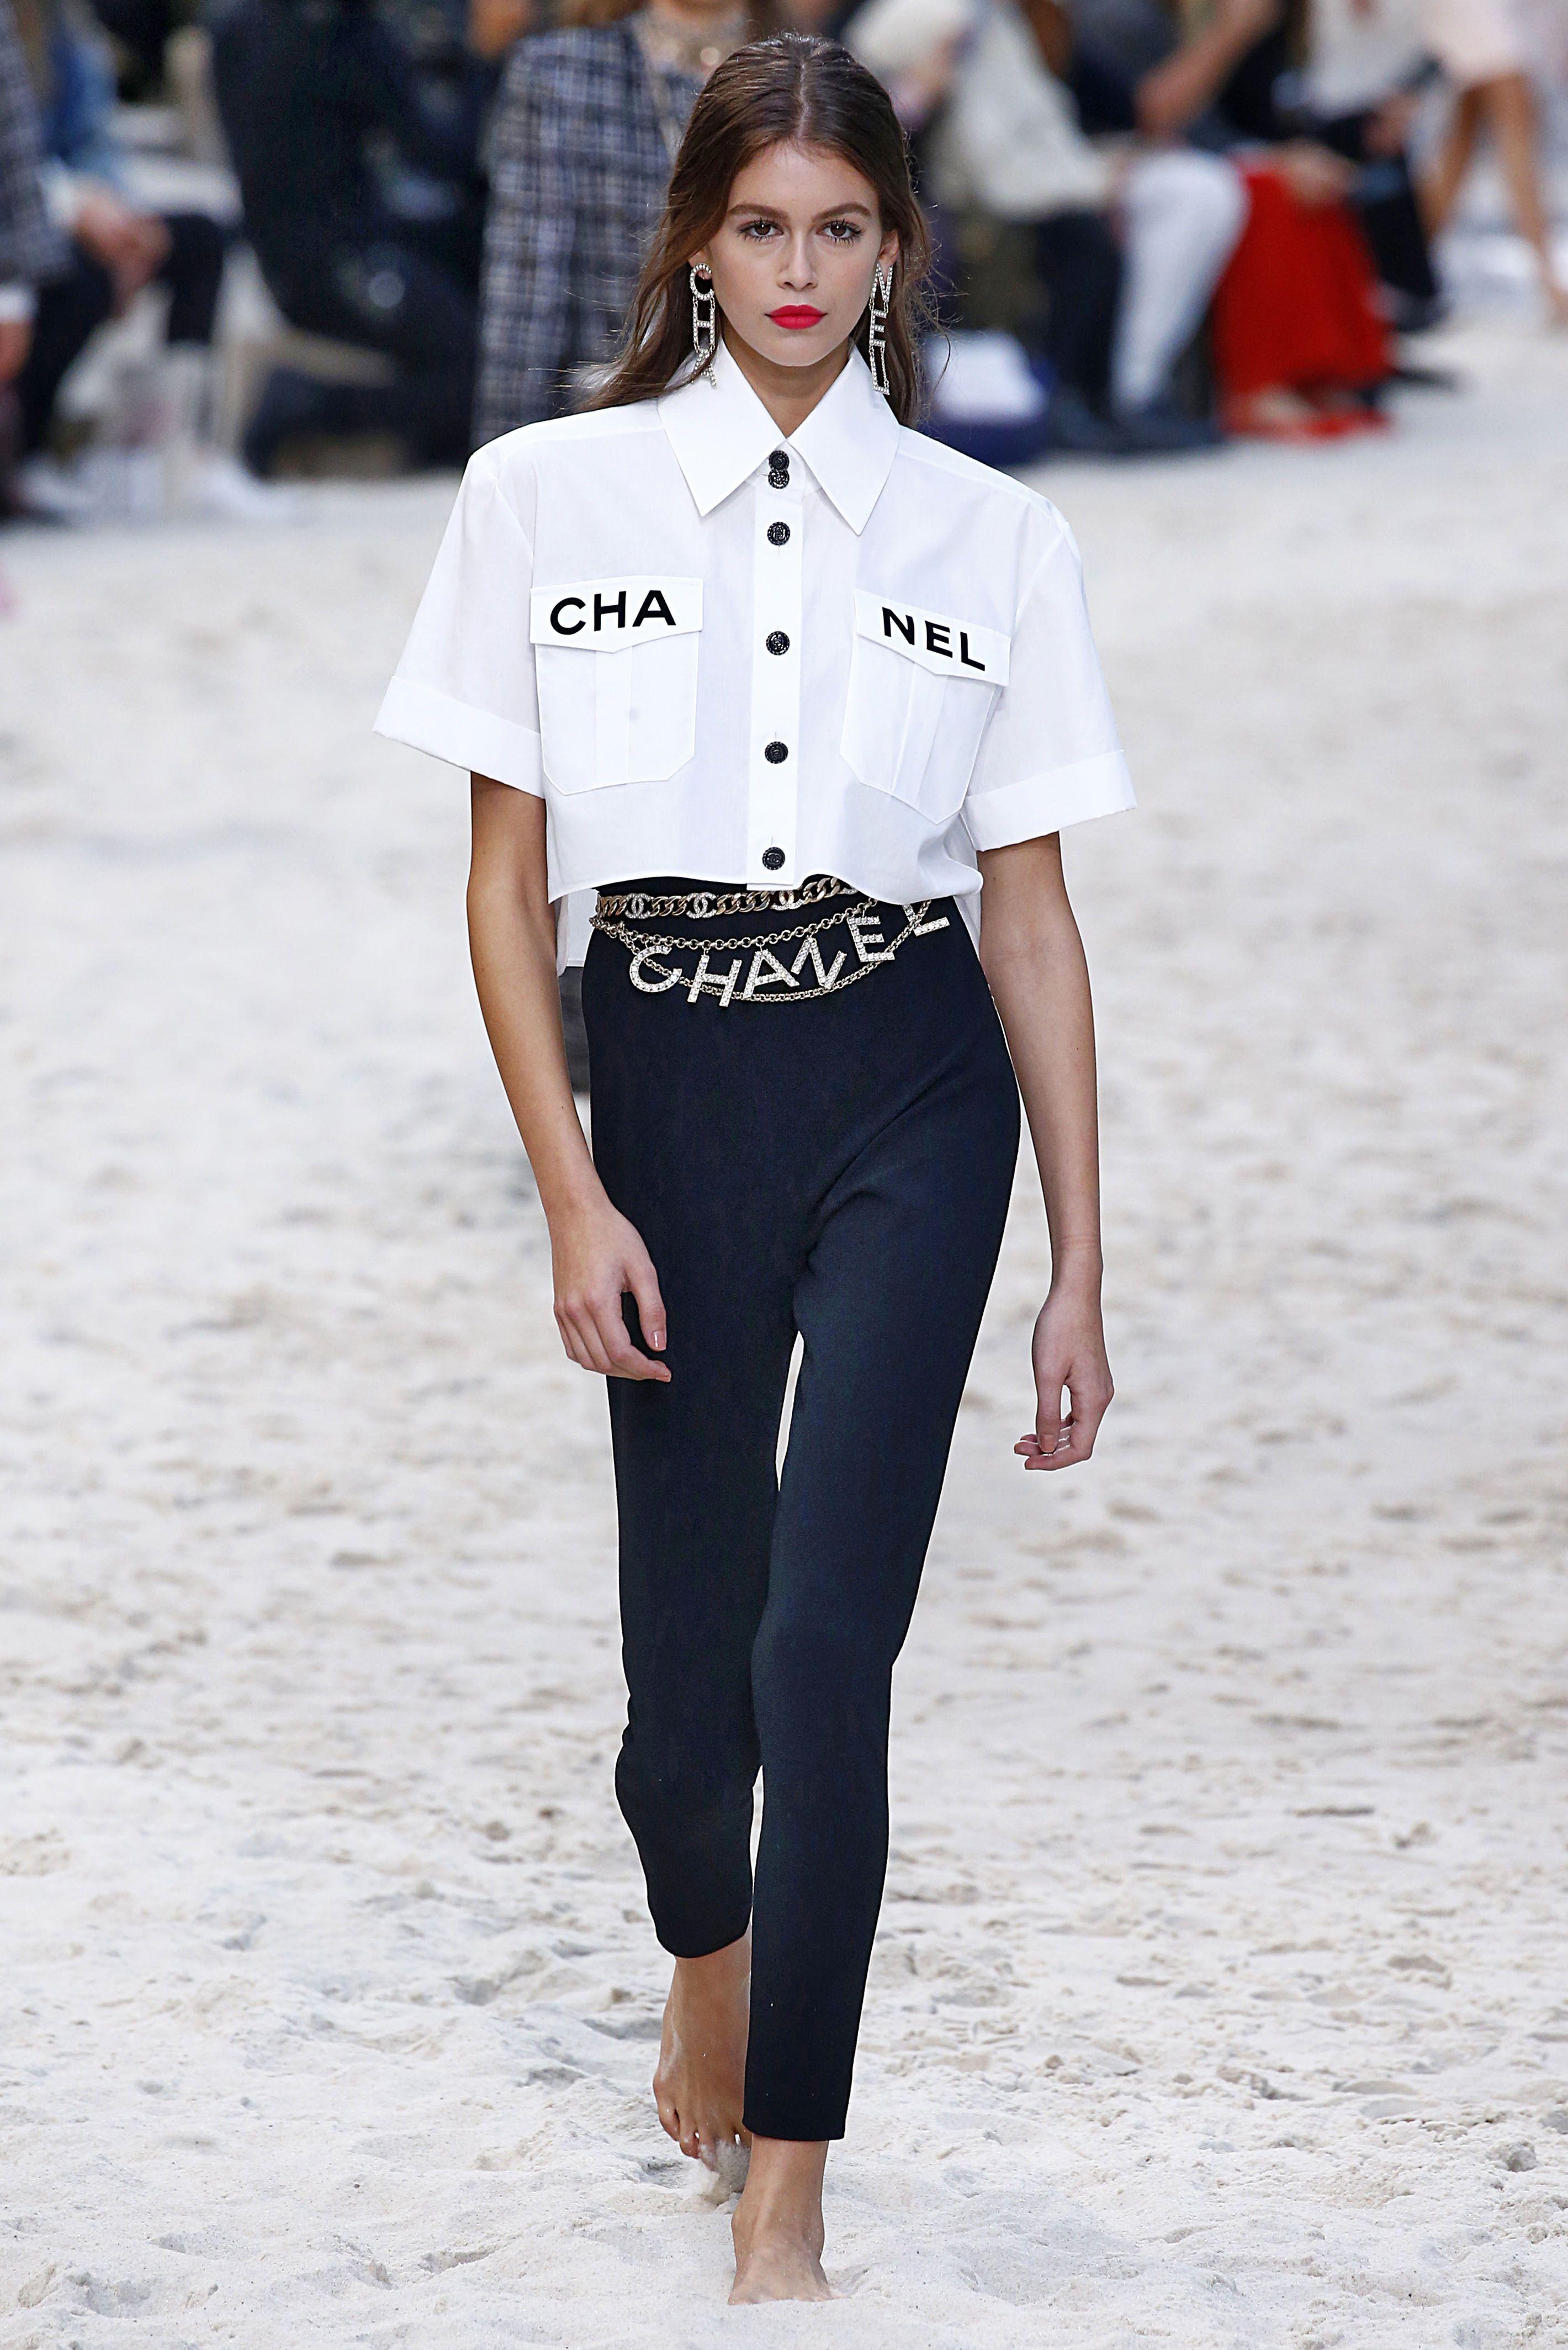 Kaia Gerber @ Chanel / Spring 2019 / Paris in 2019